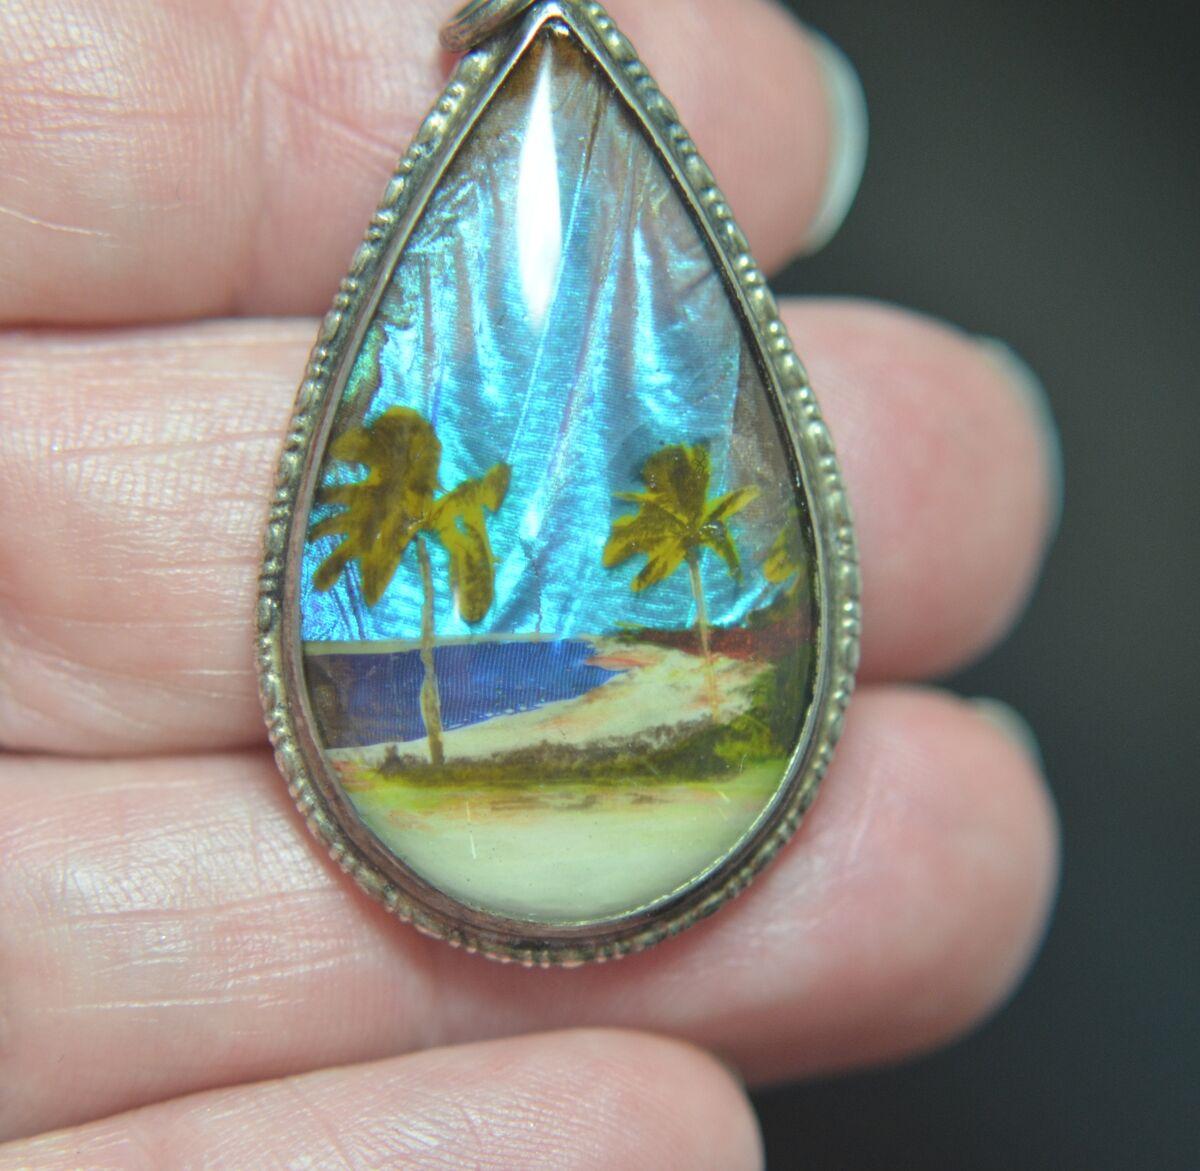 Linda's Jewelry and Gemstones